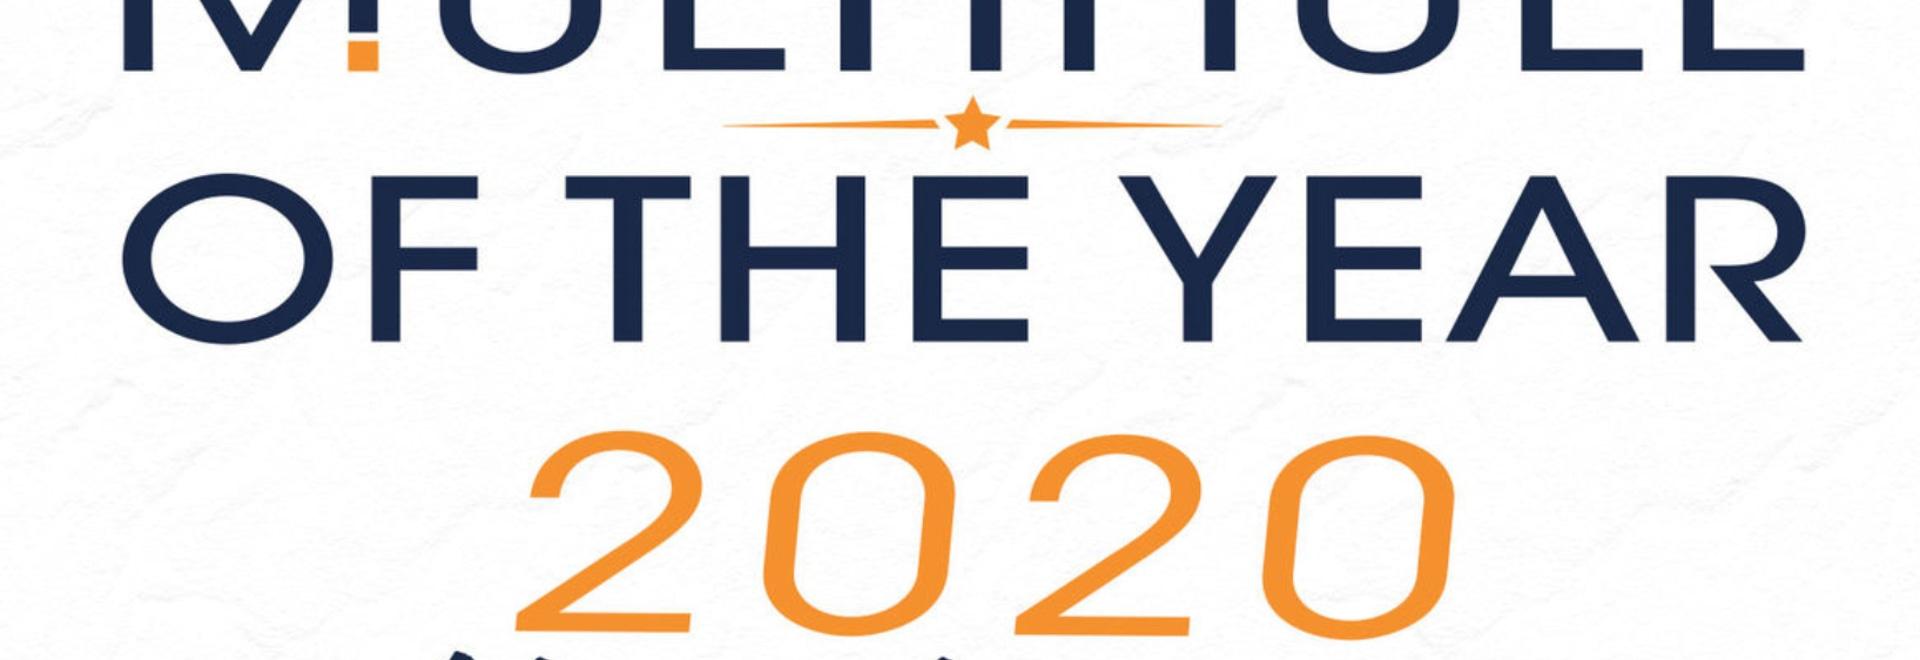 Die Ergebnisse der Wahl zum Mehrrumpfboot des Jahres 2020